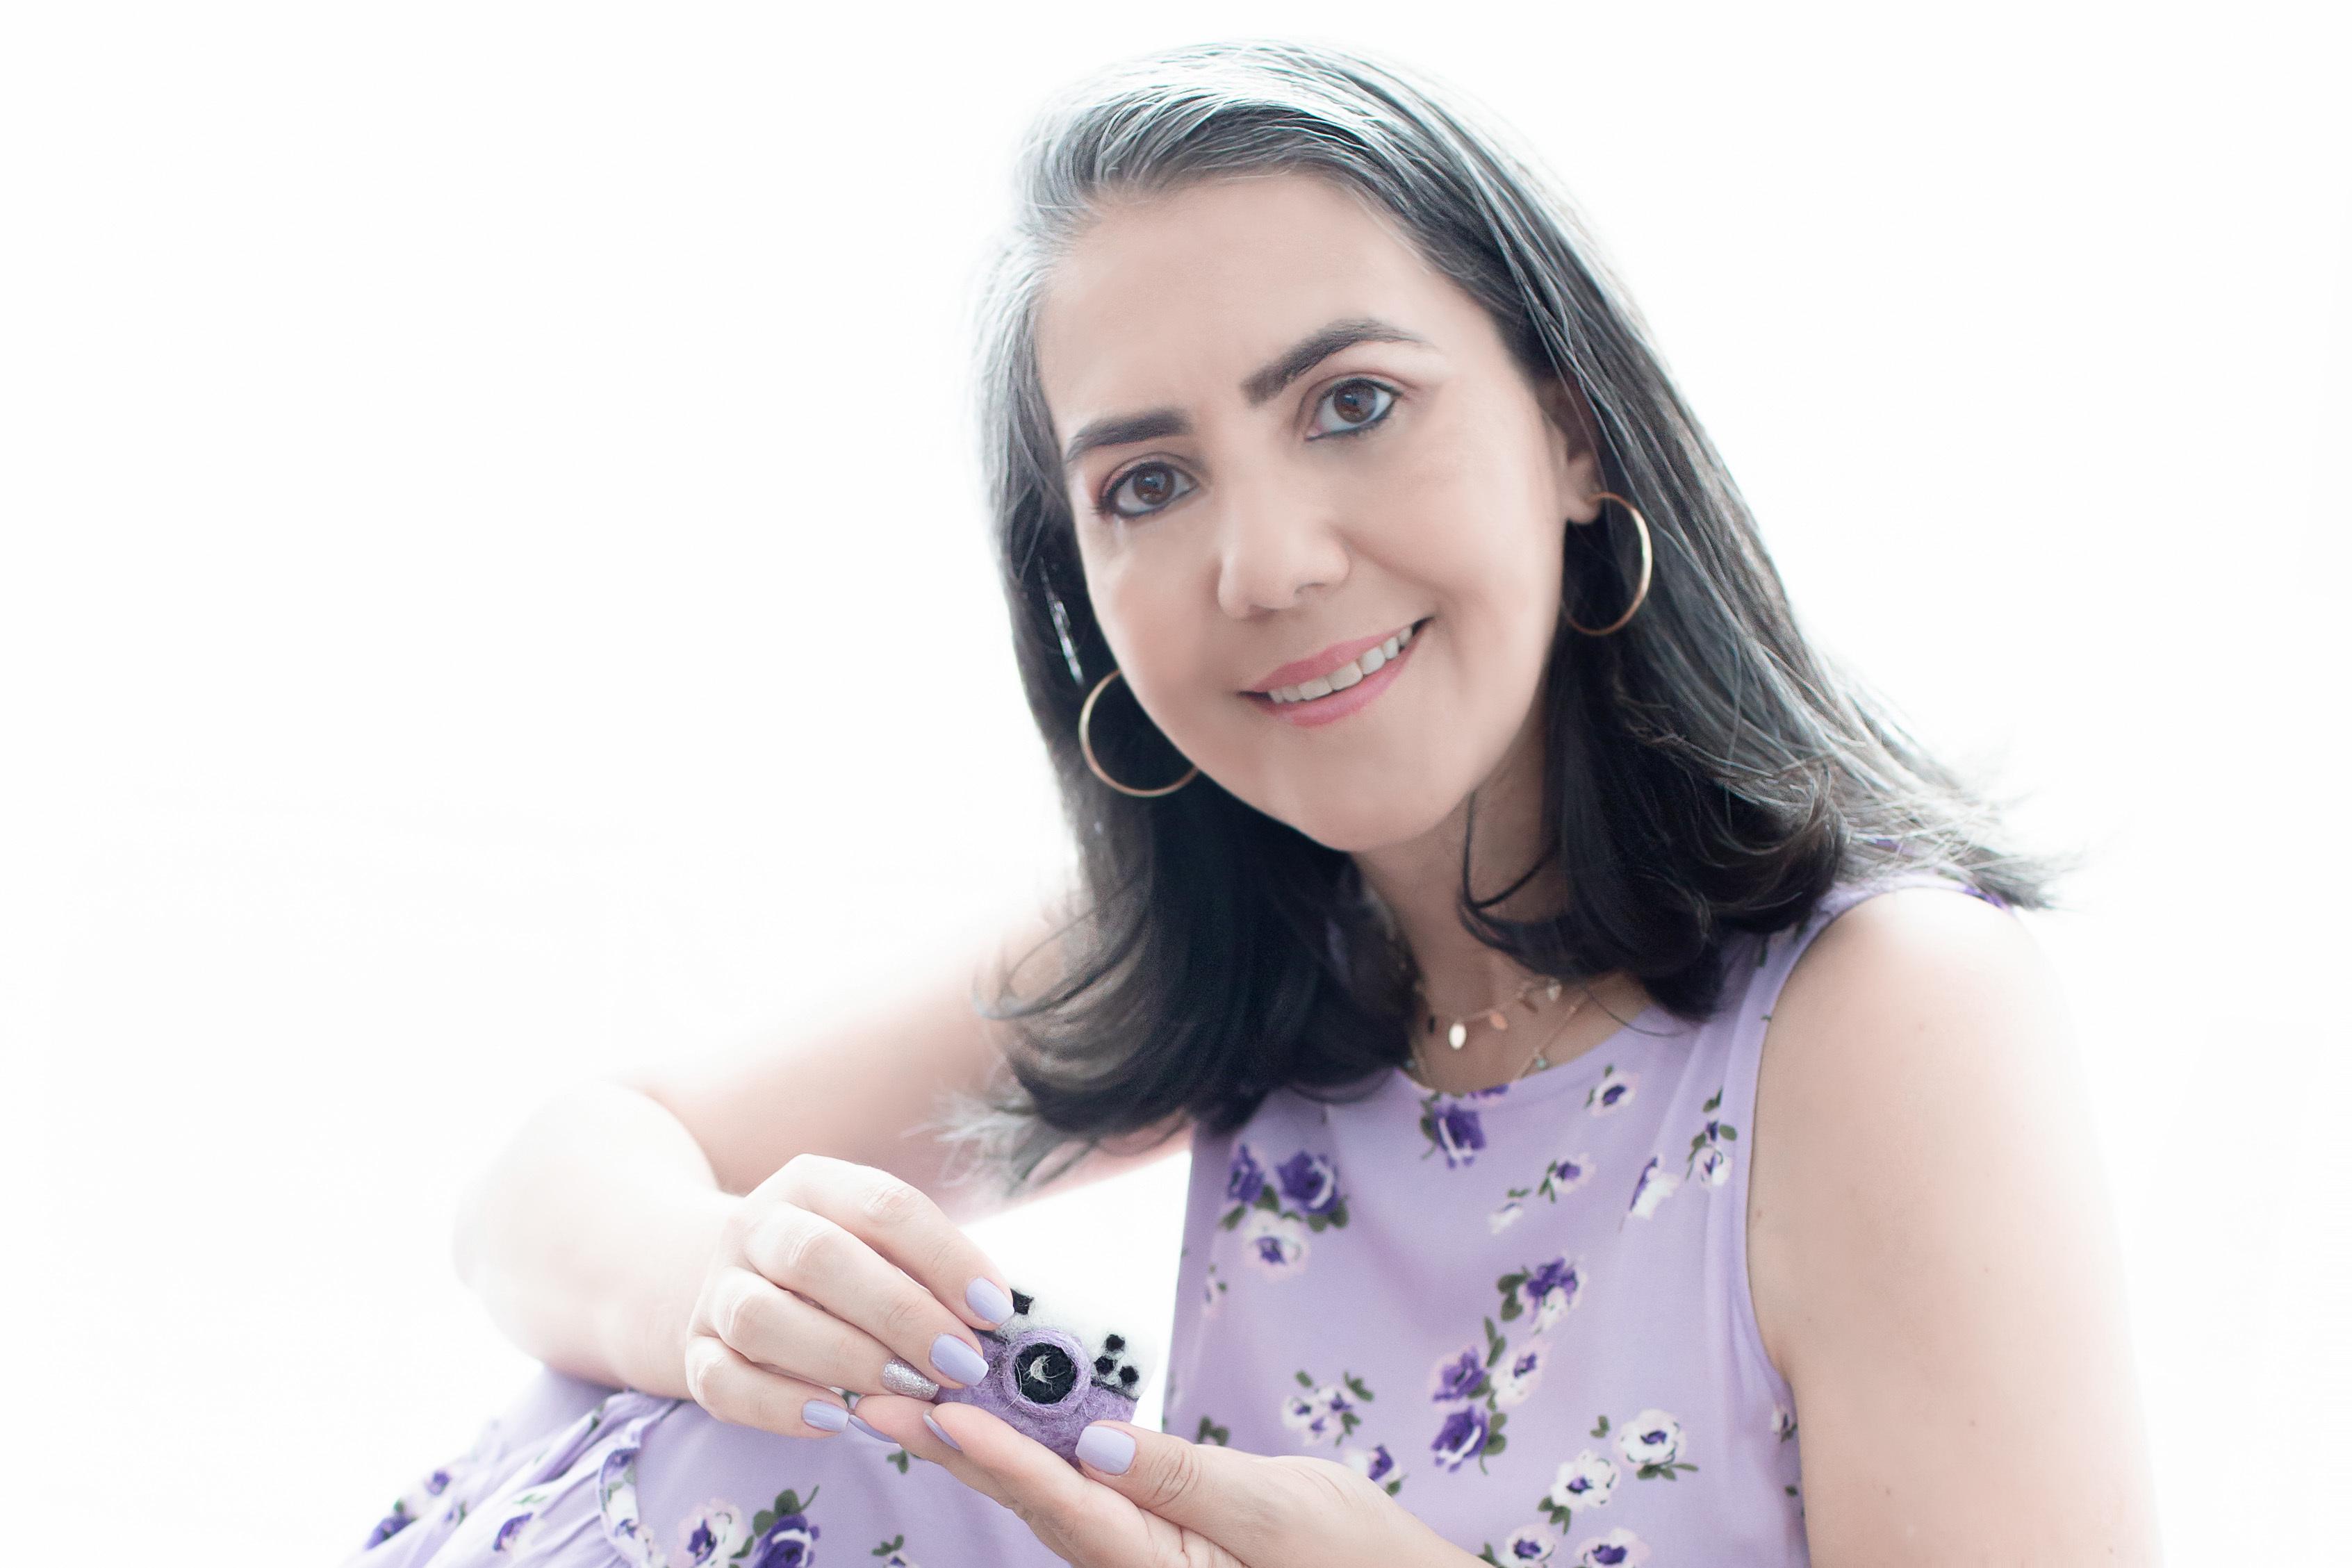 Sobre Sessão Fotográfica Recém-nascido Newborn Pré-mamã Bebé Família - Funchal - Valquiria Abreu Fotografia